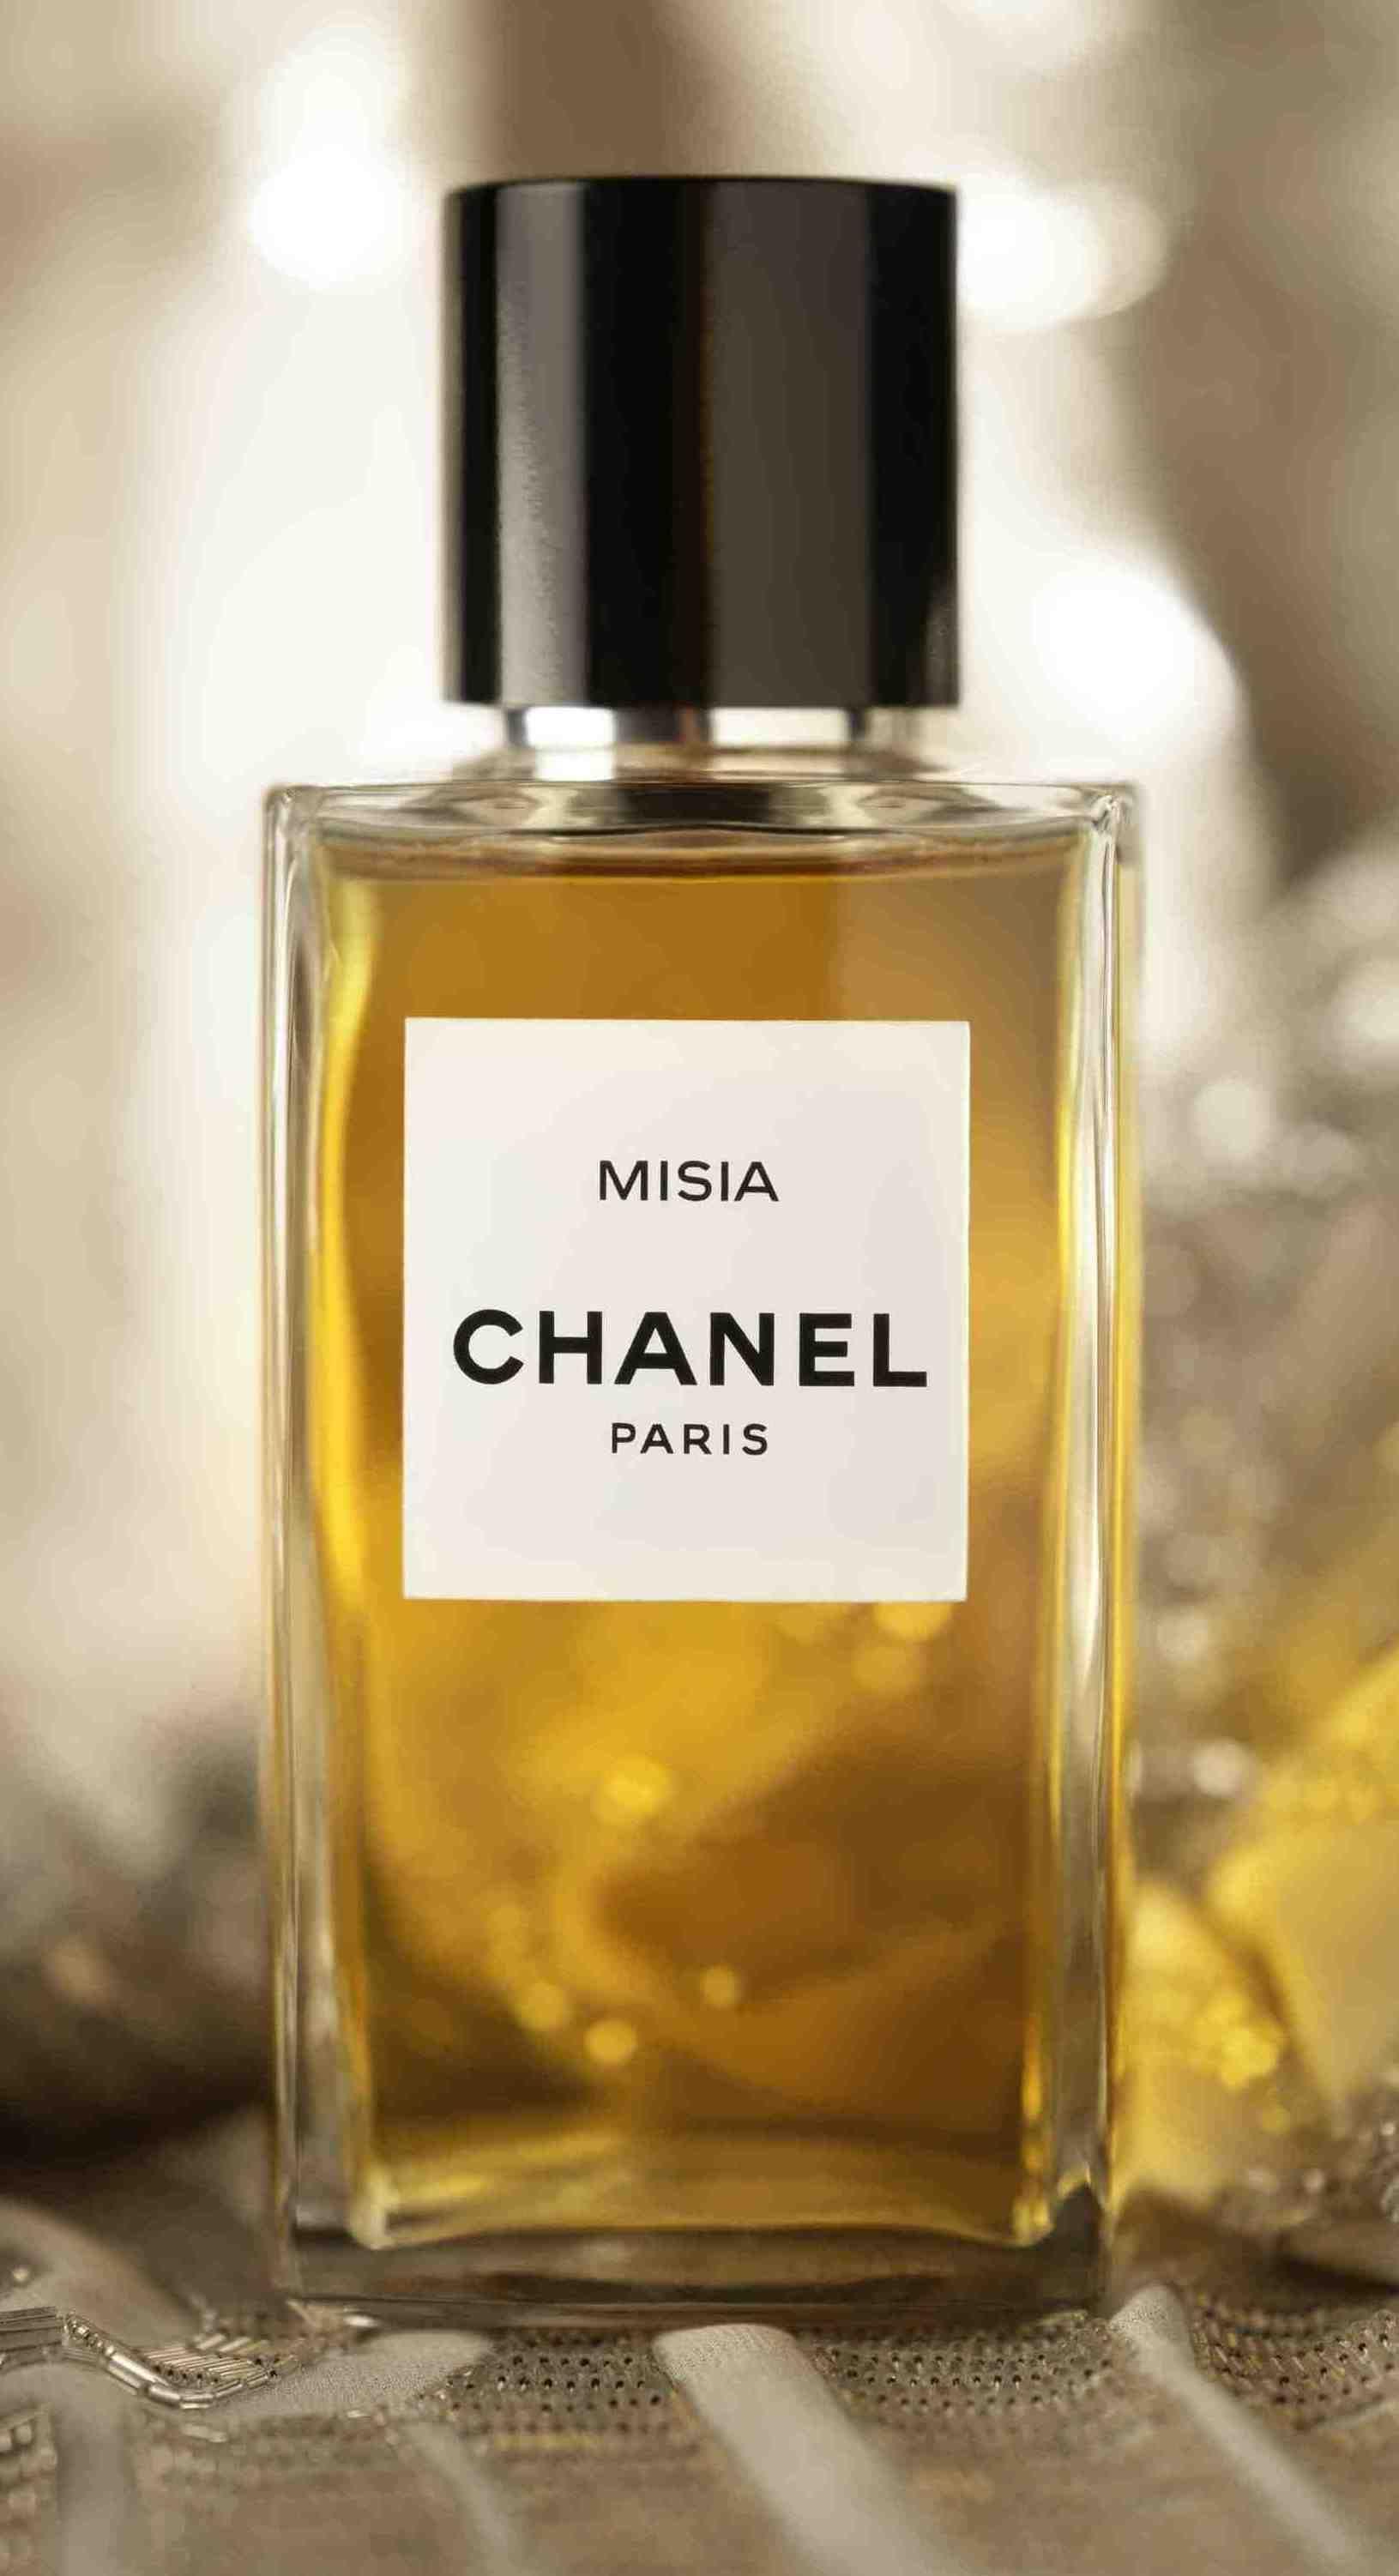 Chanel Les Exclusifs De Chanel Misia Eau De Toilette Beauty And